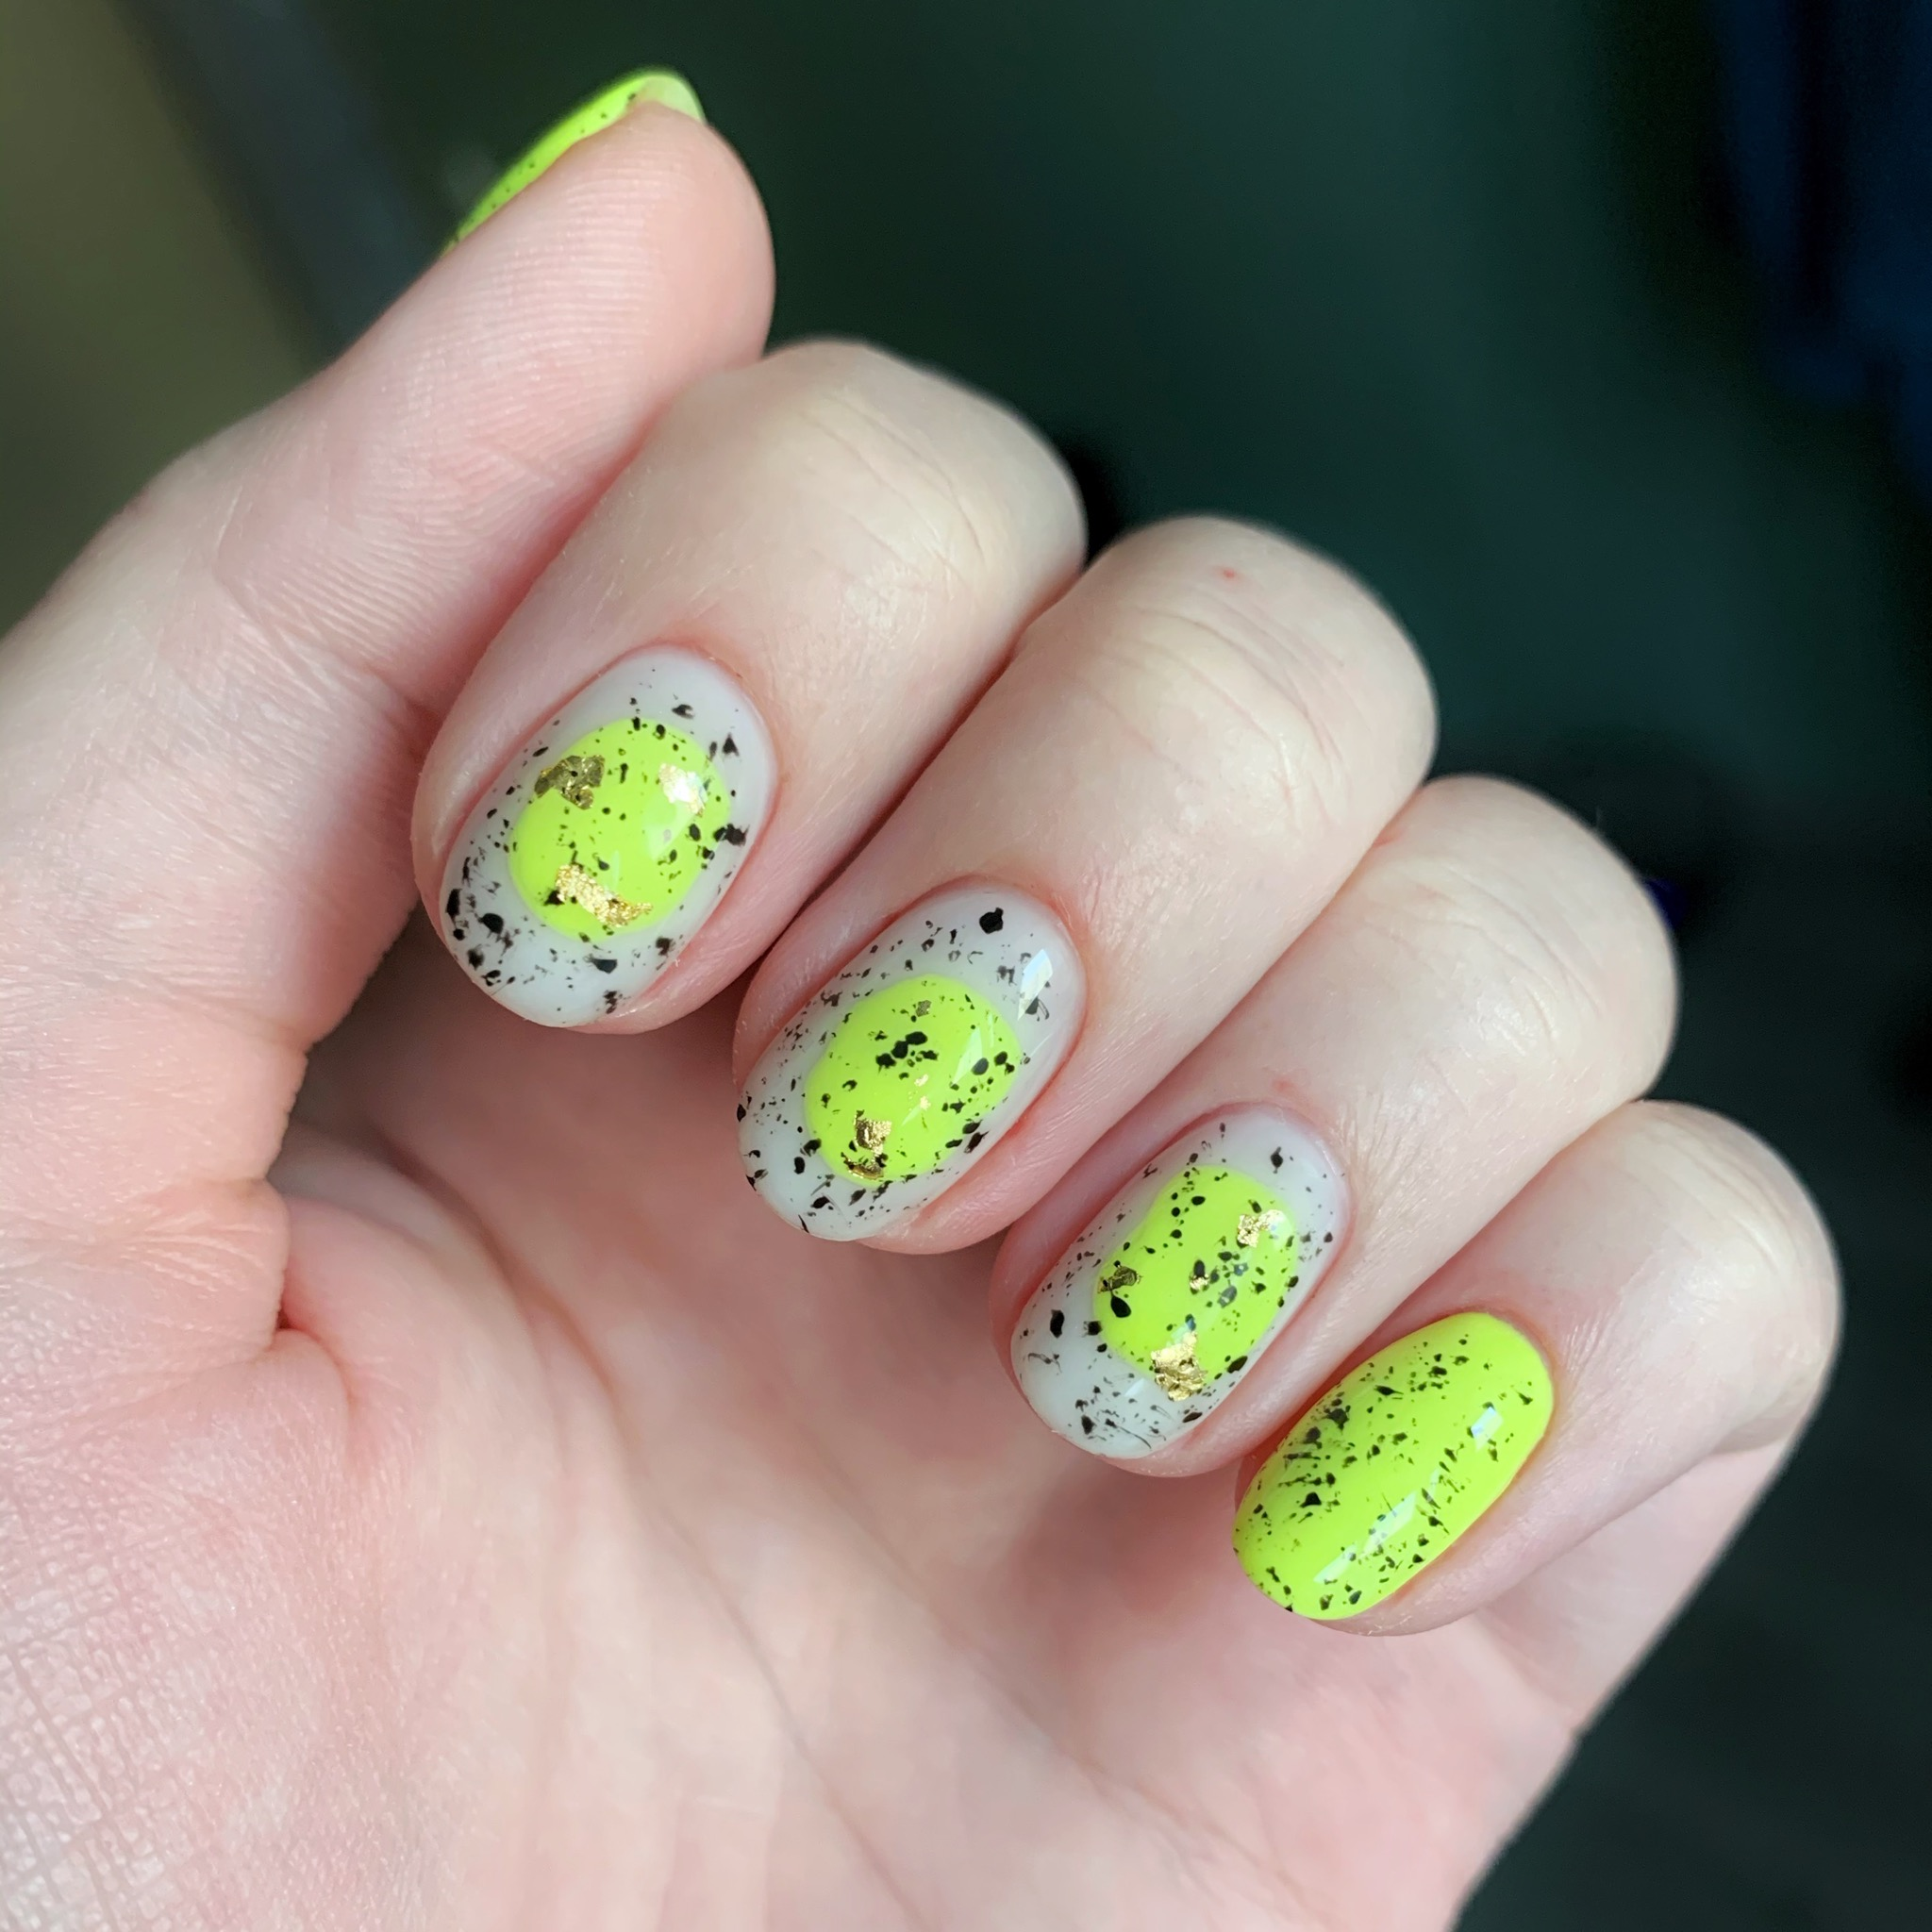 Цветной маникюр с абстрактным рисунком на короткие ногти.